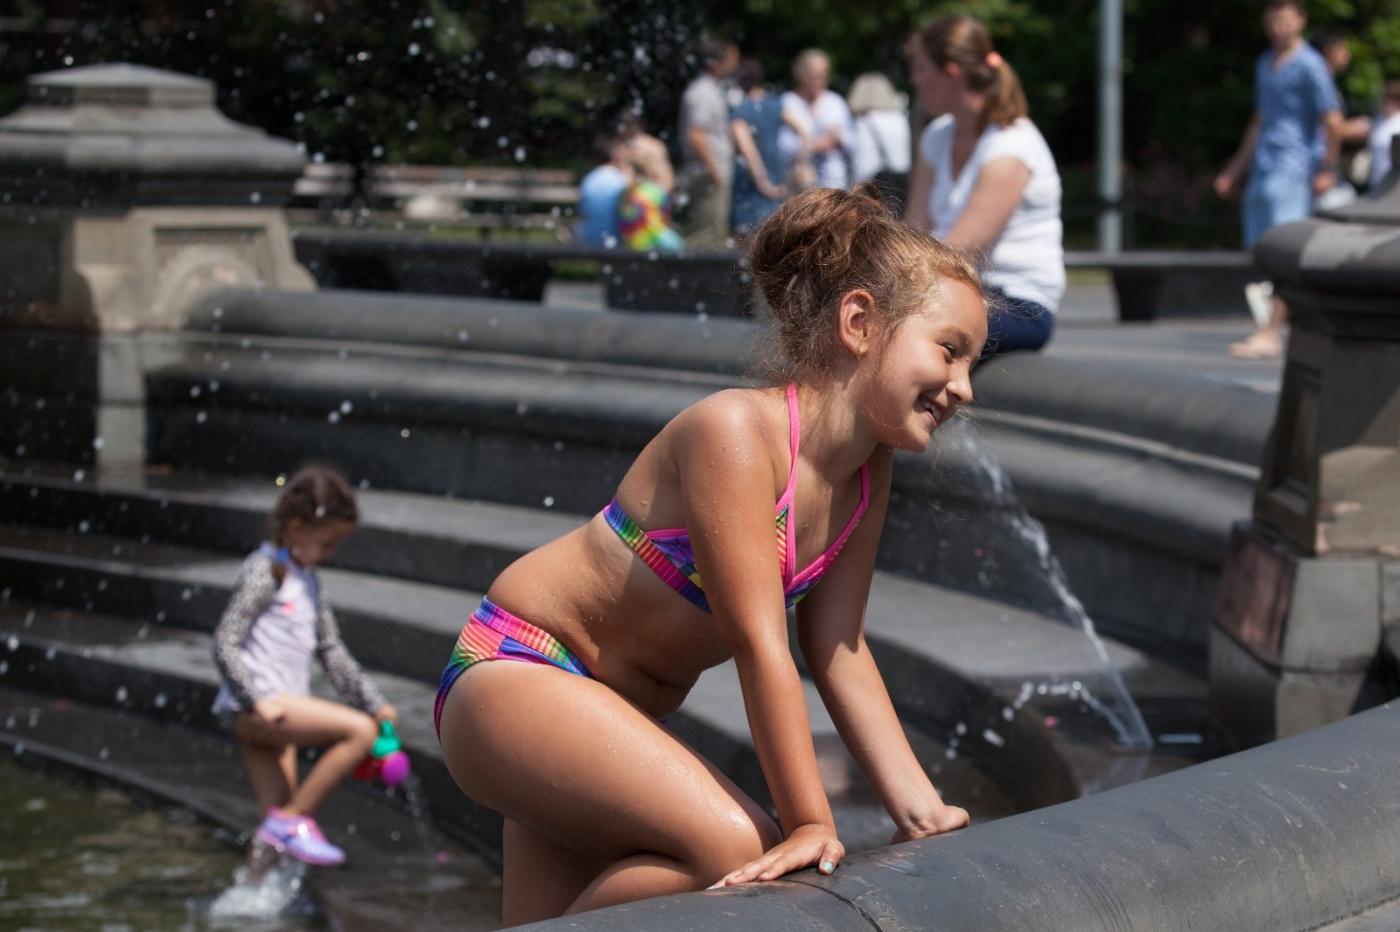 在喷水池中戏水的小孩,天真活泼(摄于纽约华盛顿广场喷水池) ... ... ..._图1-10